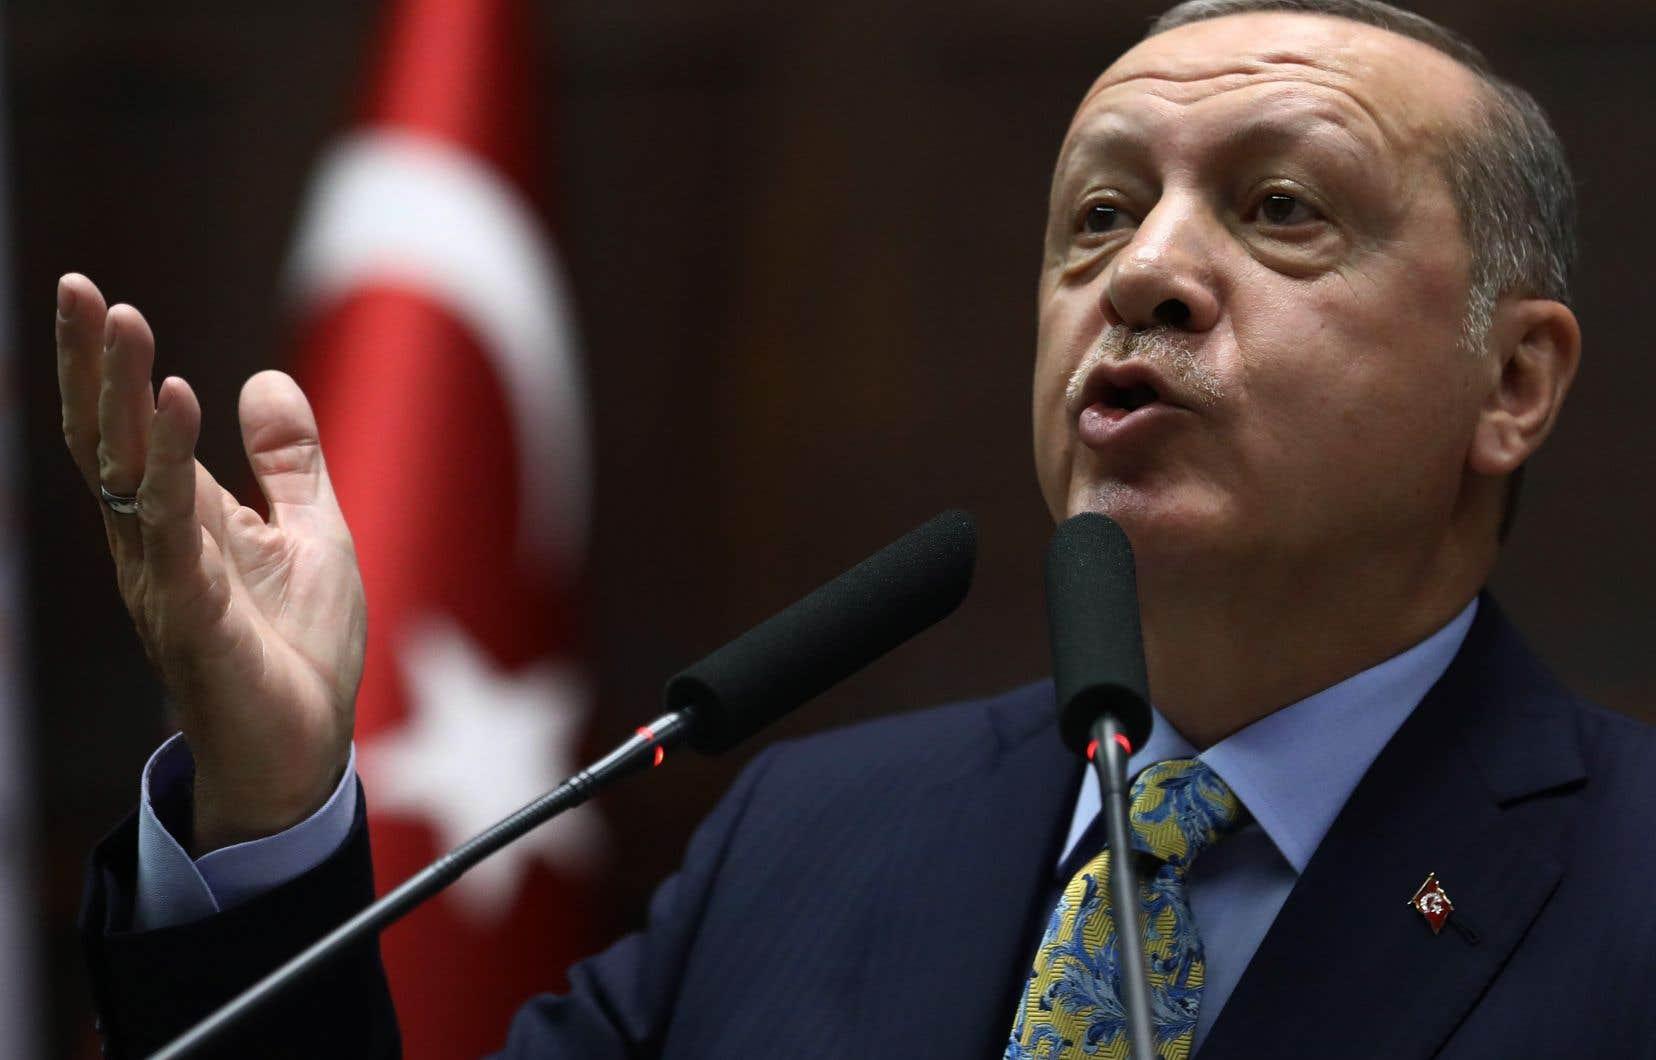 Le président turc a révélé «toute la vérité» sur le meurtre du journaliste saoudien Jamal Khashoggi, une affaire désastreuse pour l'image internationale de l'Arabie saoudite.<br />